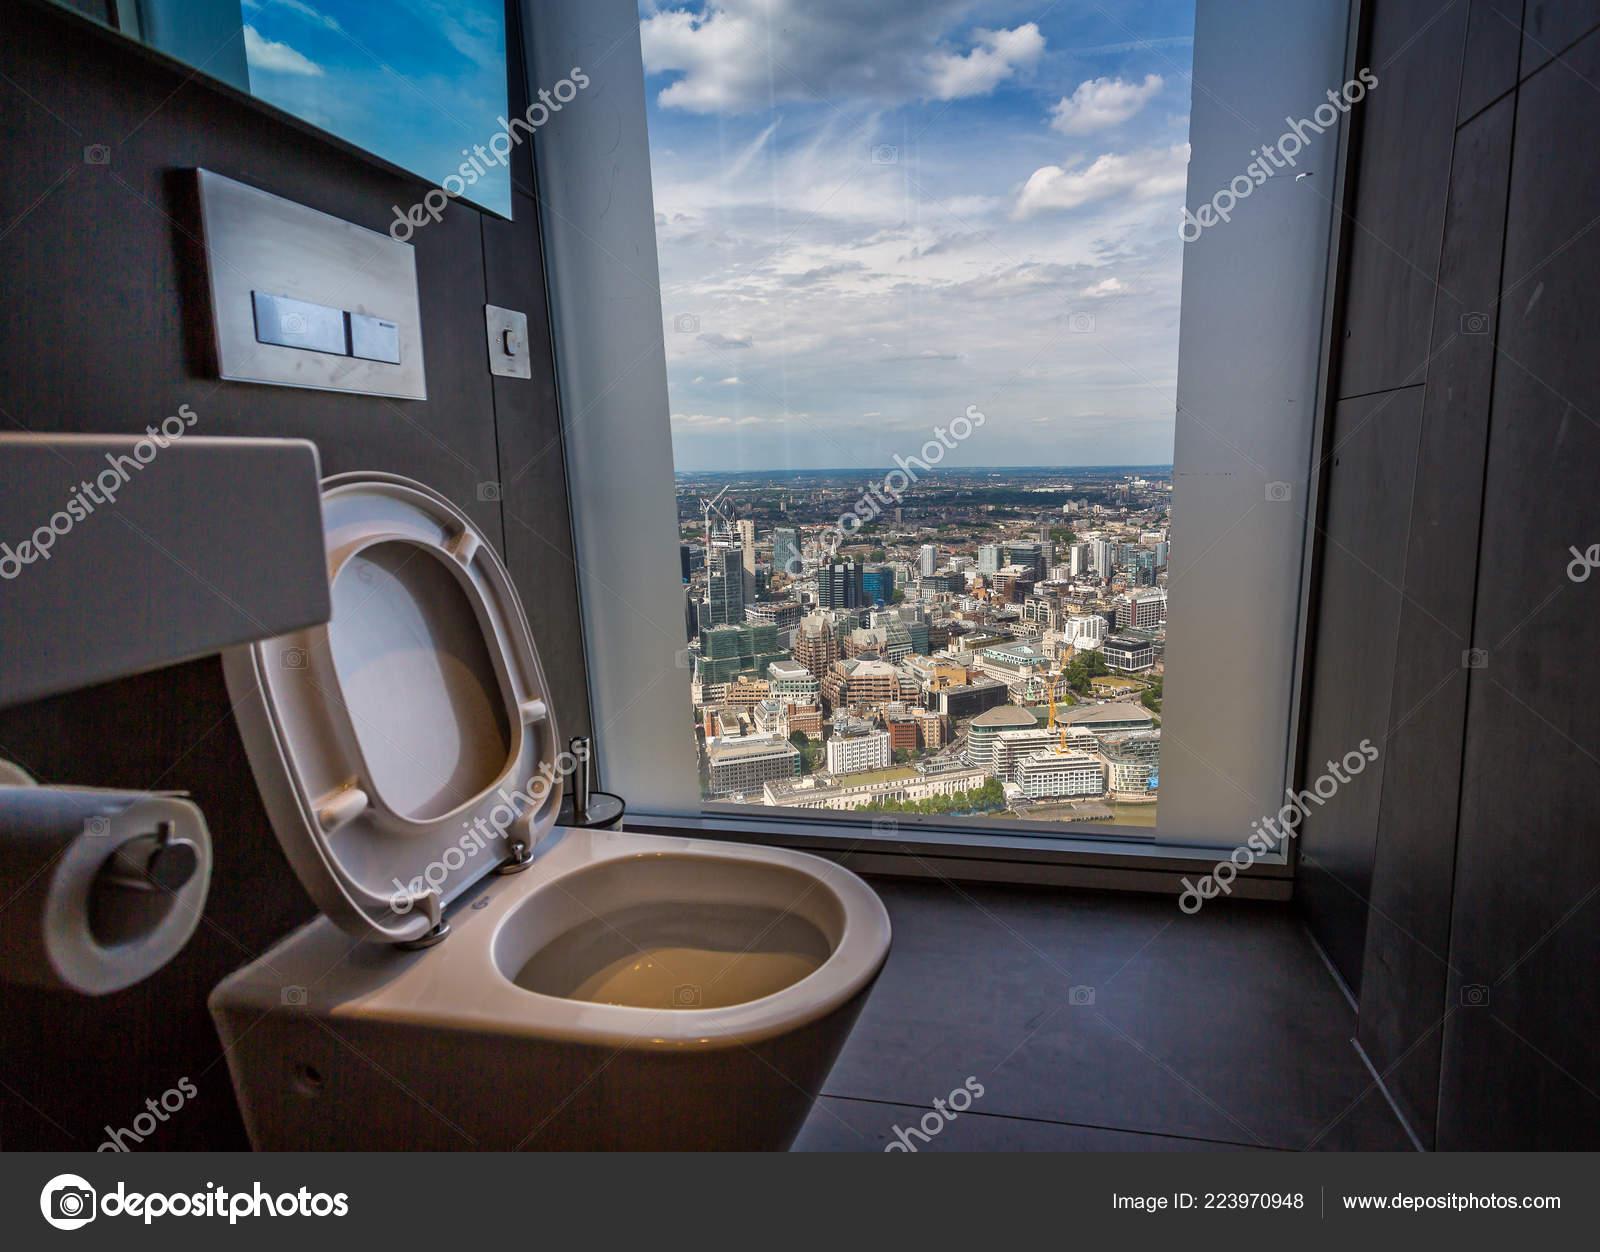 Toilet Floor Ceiling View London Taken Shard London July 2017